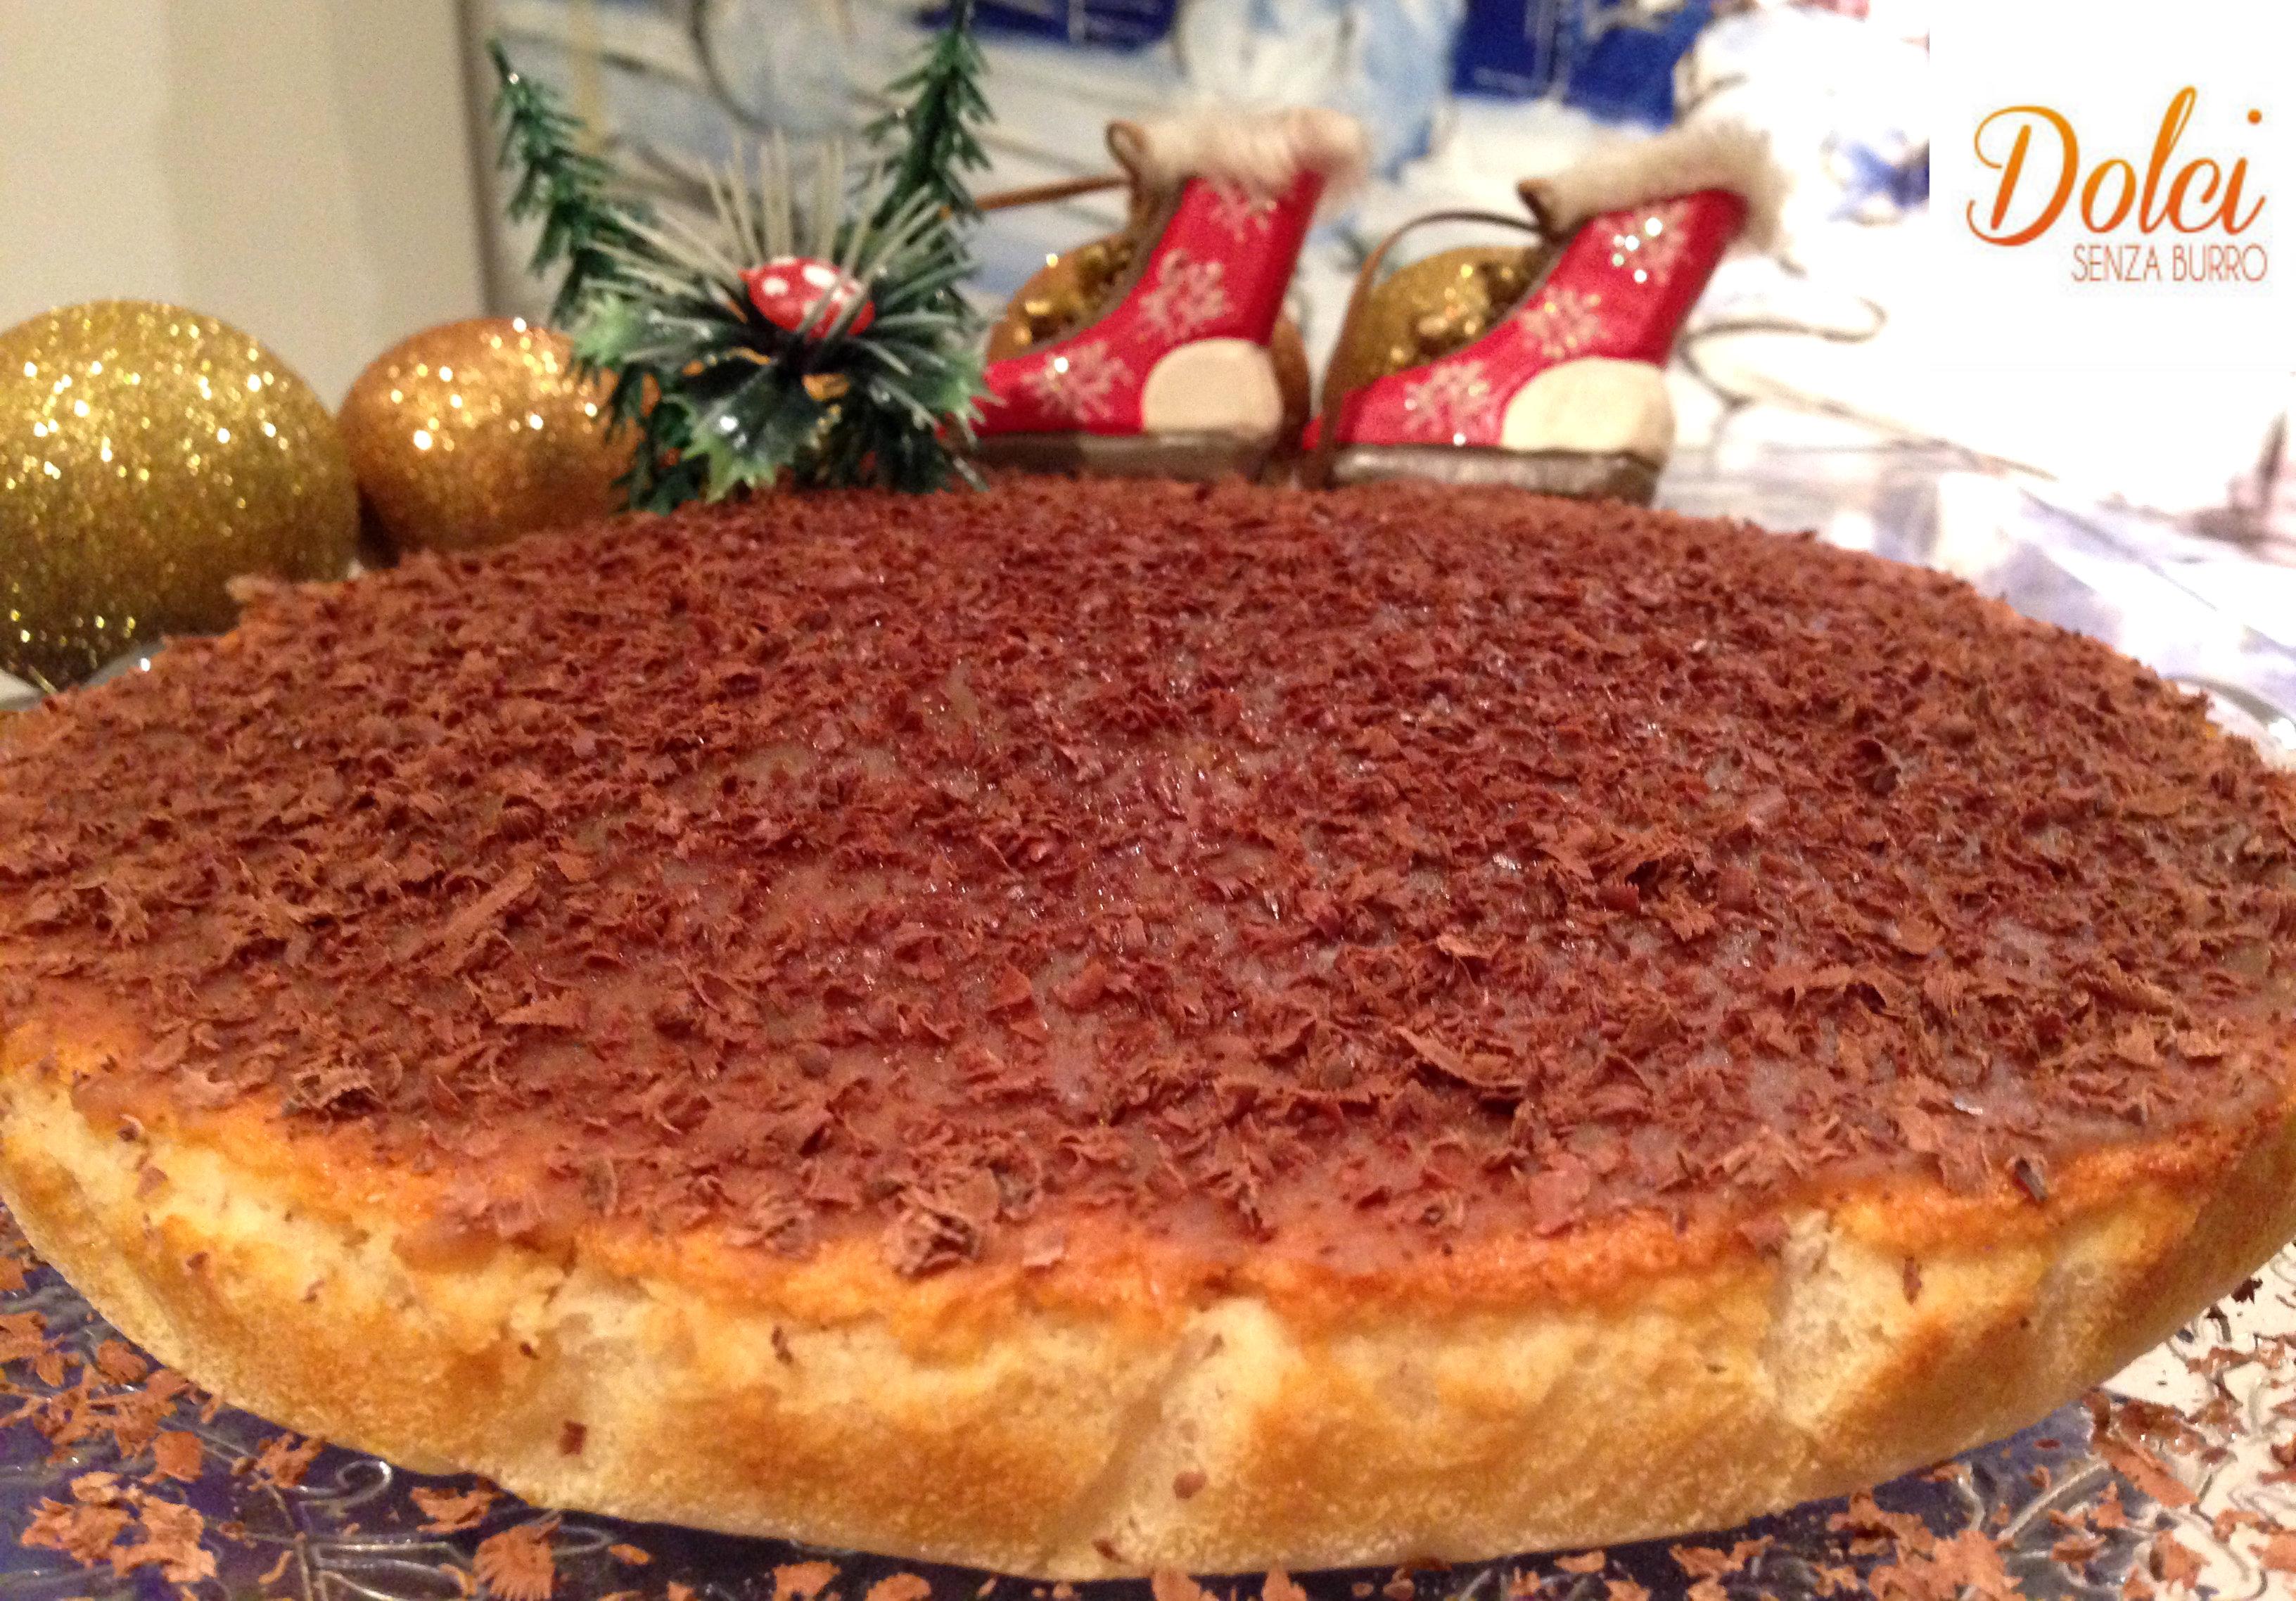 Torta Senza Burro con Crema alle Castagne, il dolce senza lattosio e uova di Dolci Senza Burro